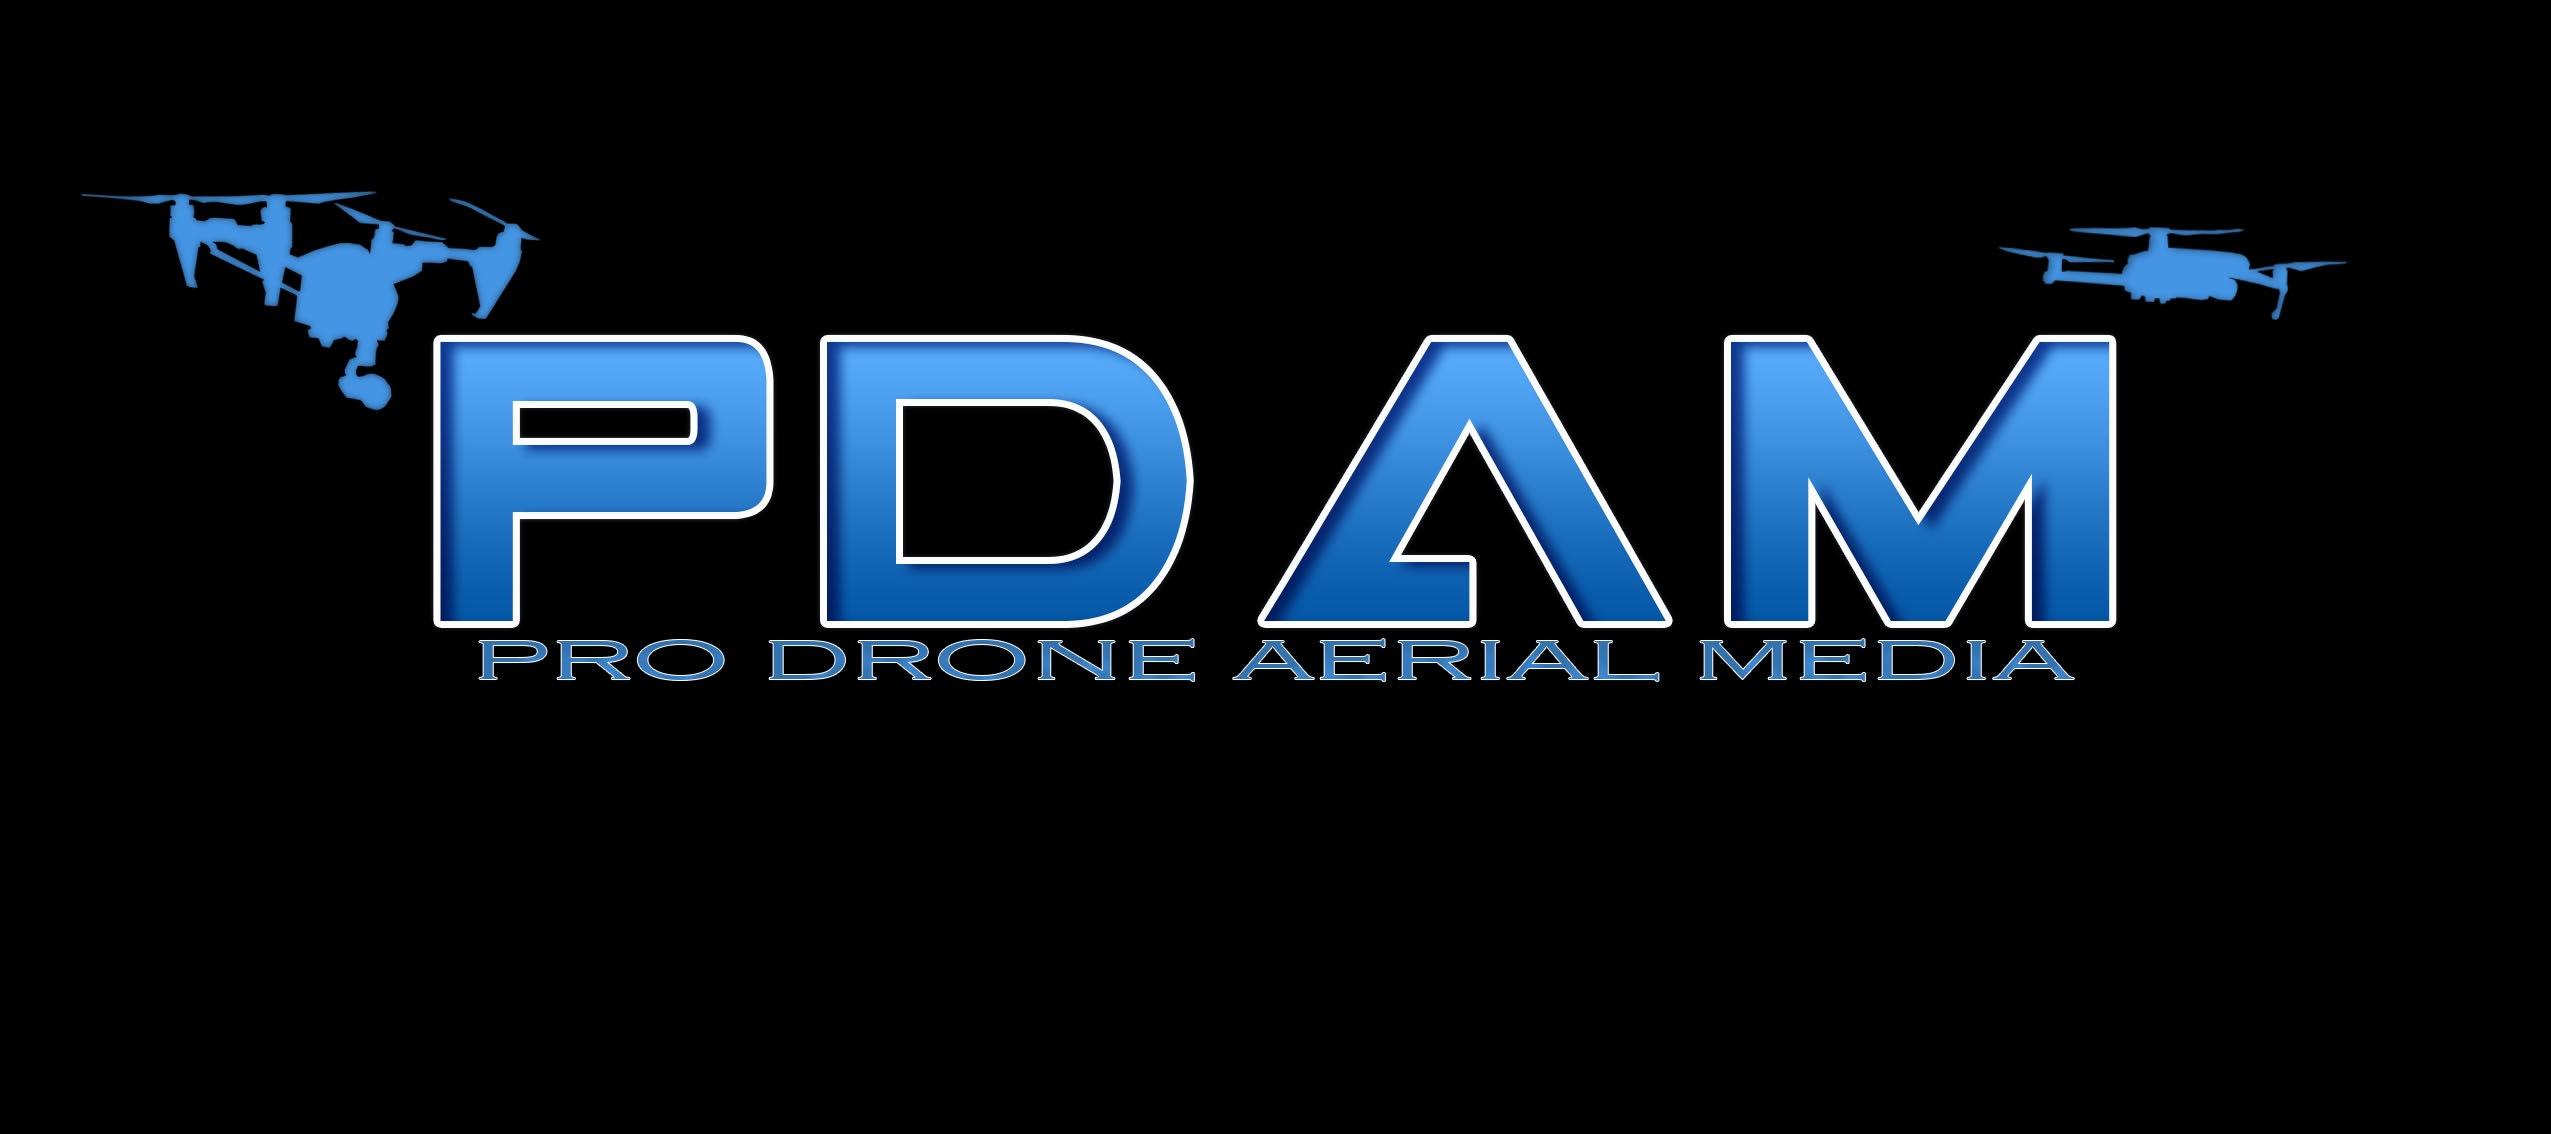 ProDrone Aerial Media